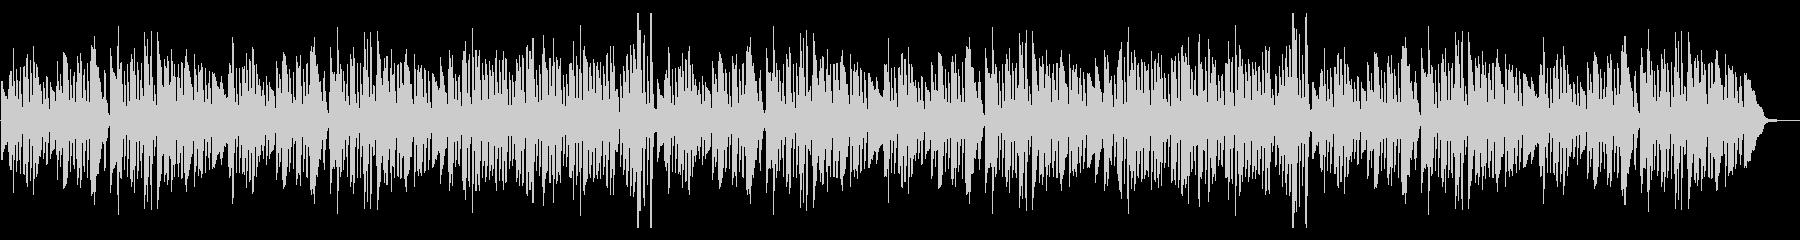 【YouTube】かわいいピアノソロ曲の未再生の波形